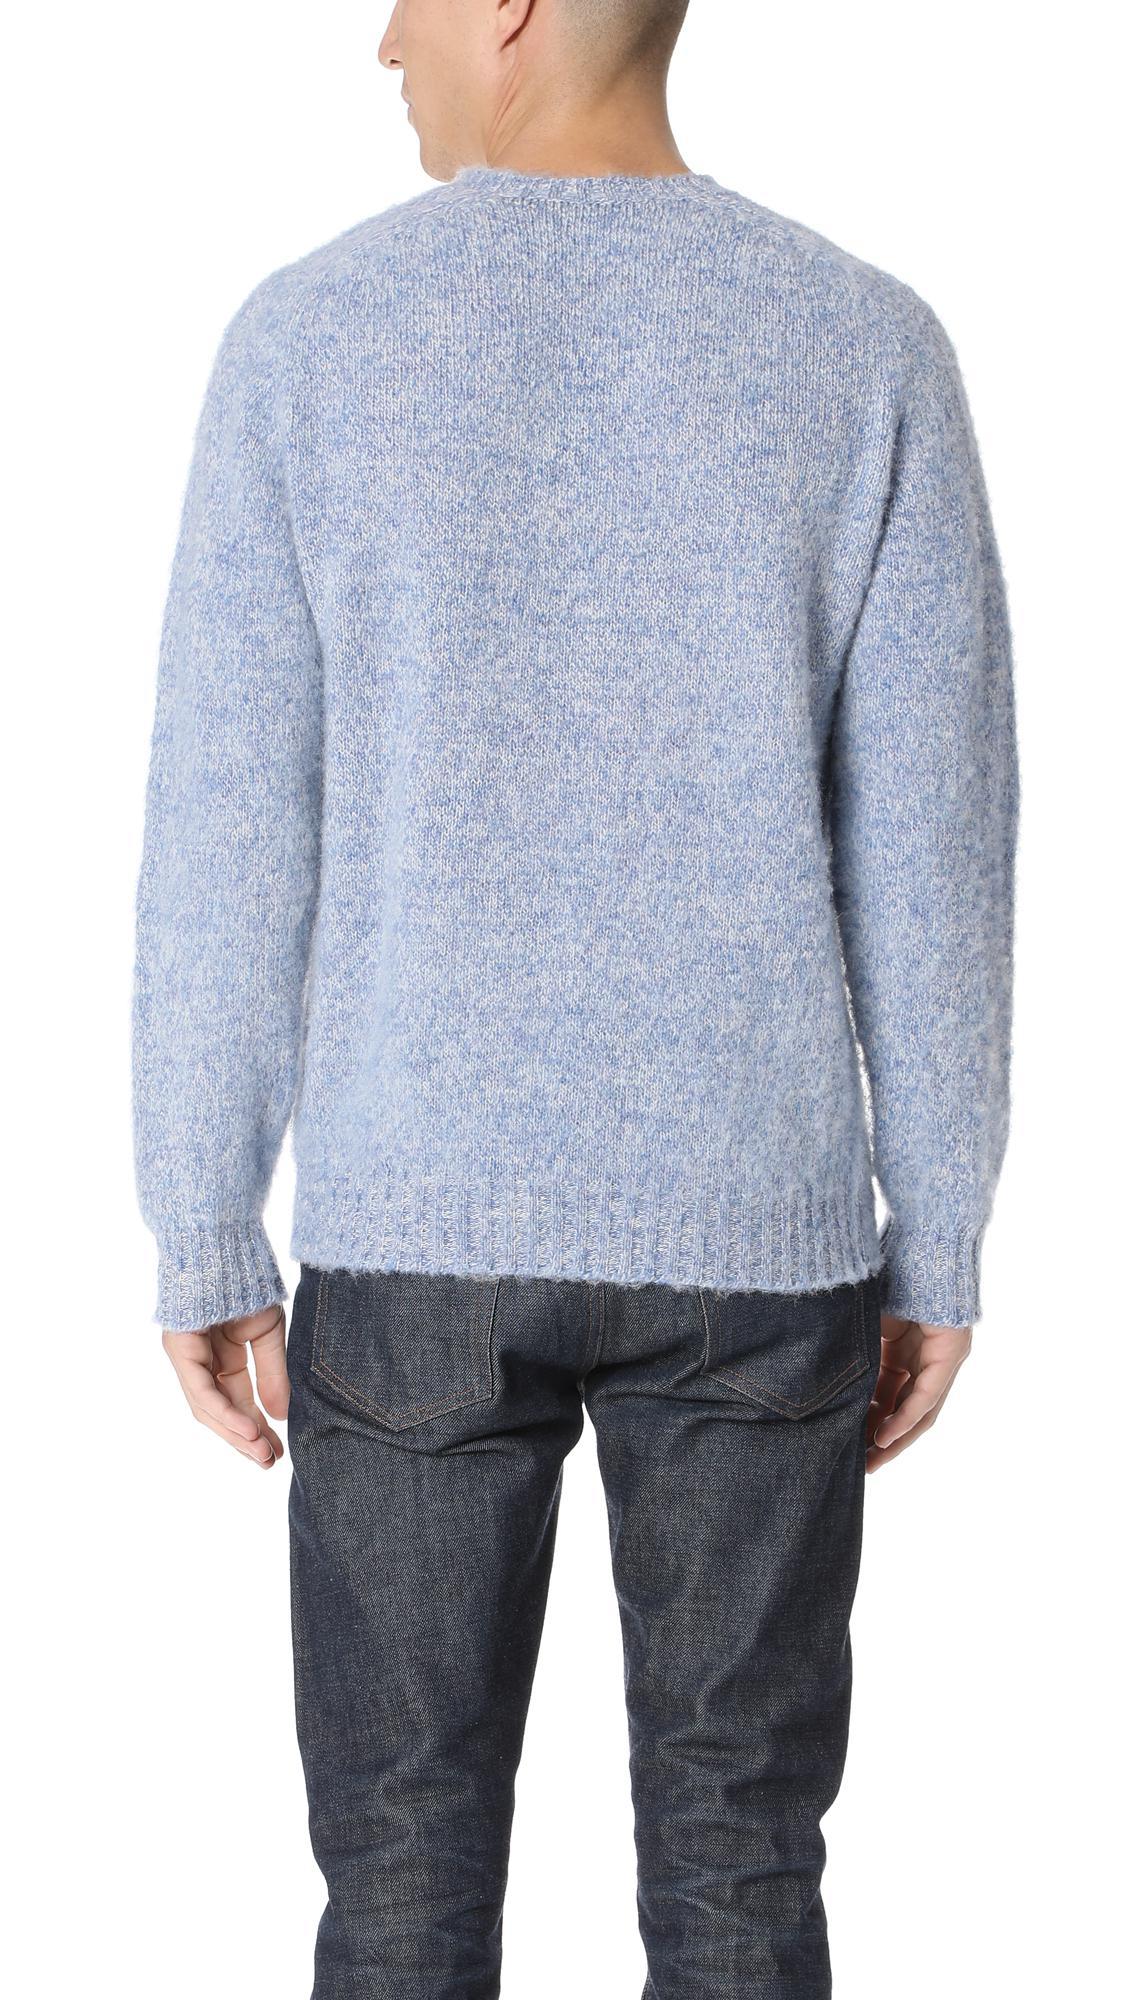 Howlin' By Morrison Wool Shaggy Bear Sweater in Blue for Men